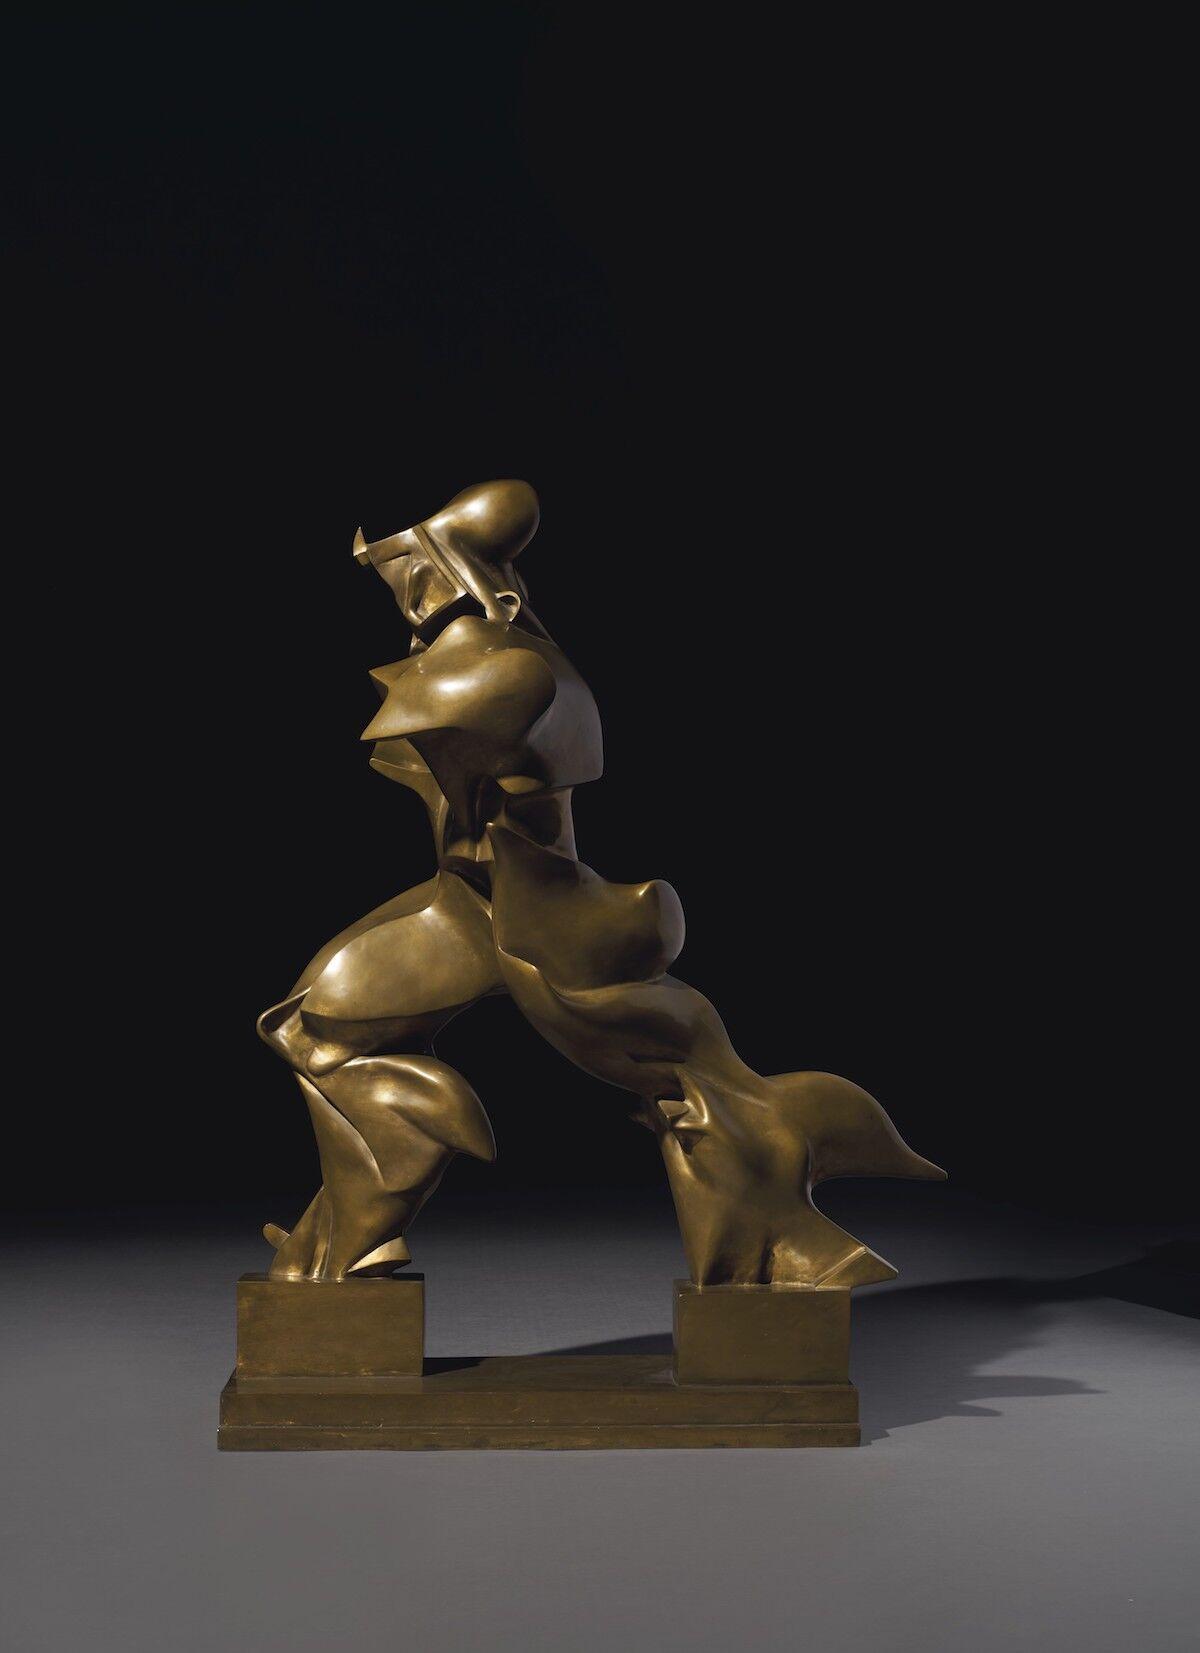 Umberto Boccioni, Forme uniche della continuità nello spazio (Unique Forms of Continuity in Space), 1913. Sold for $16.1 million. Courtesy Christie's Images Ltd.